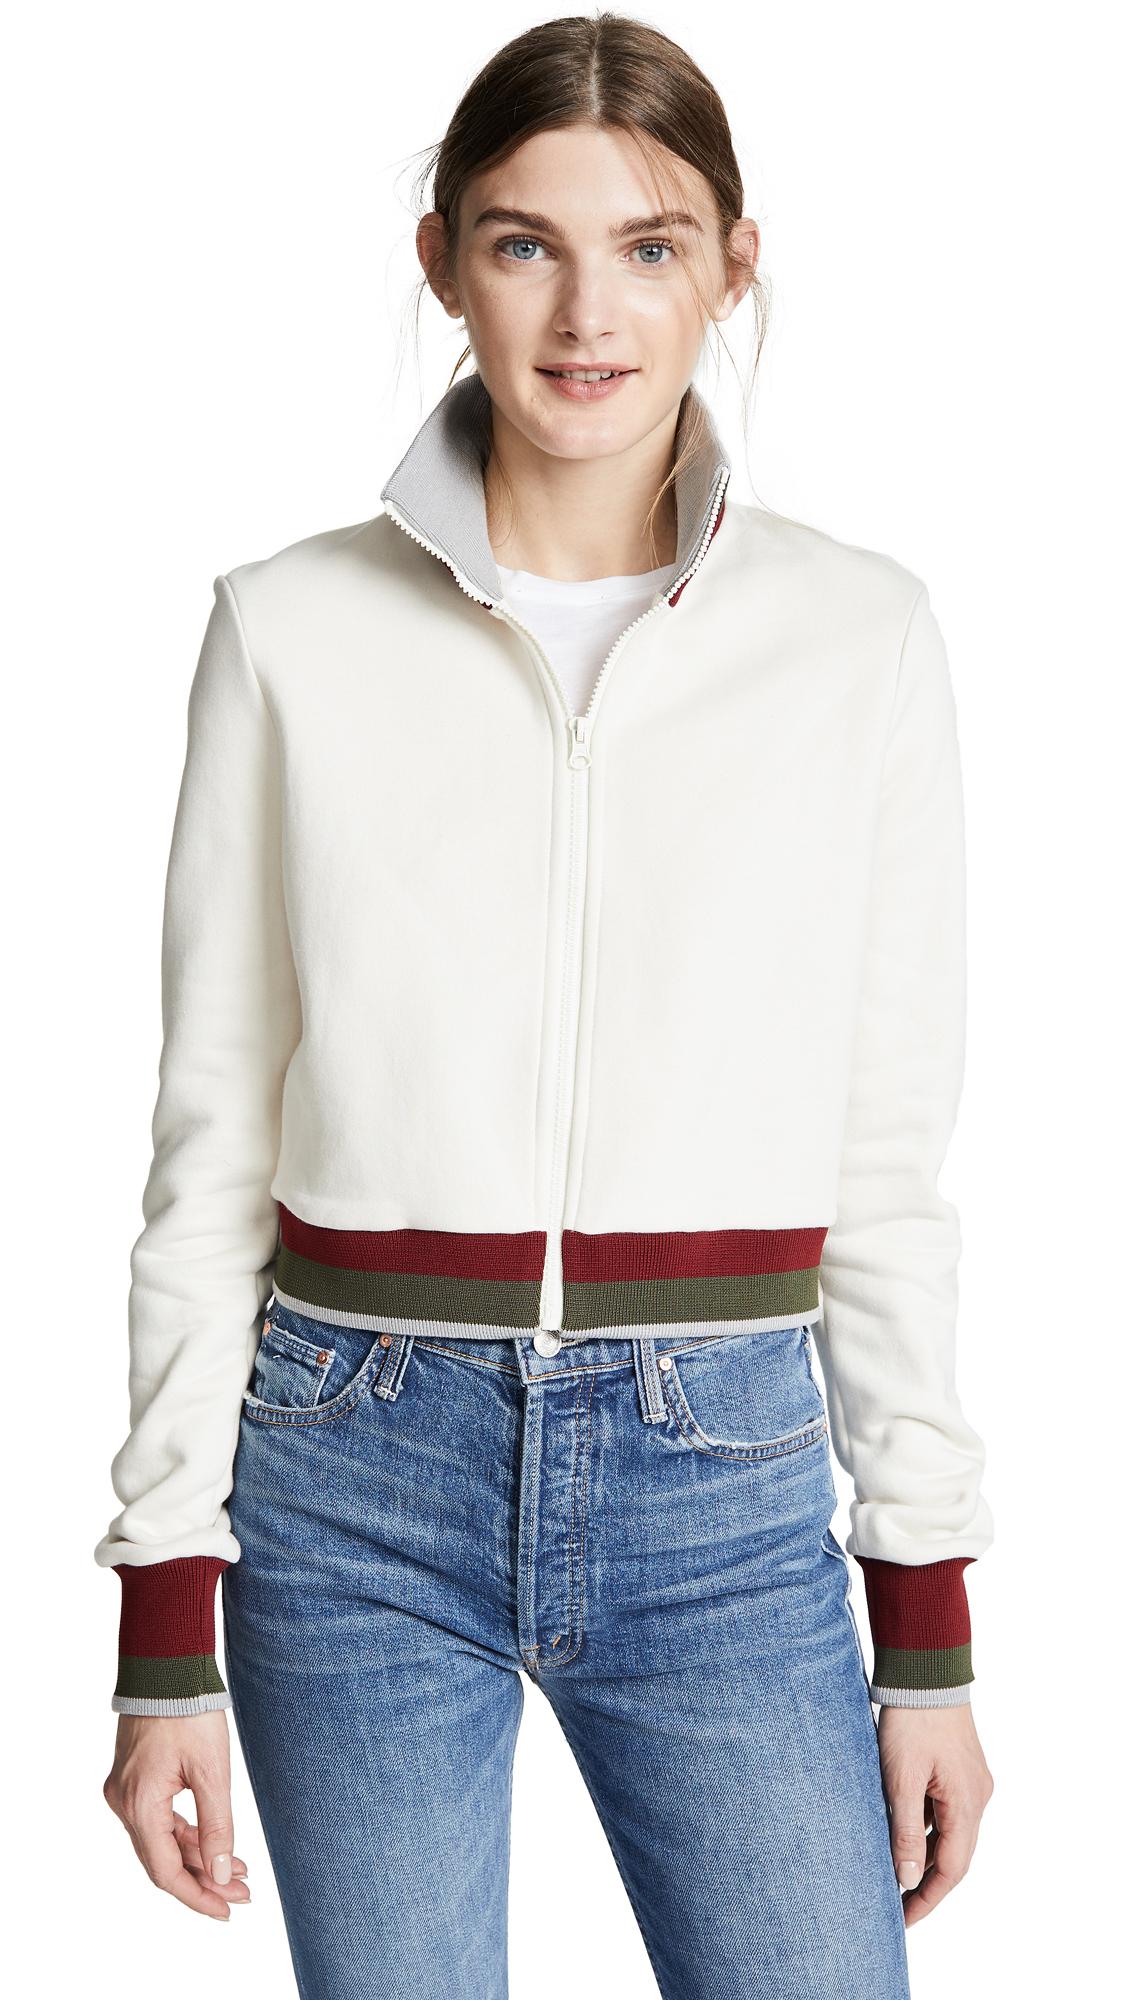 Twenty Tees Pride Super Cropped Zip Up Jacket